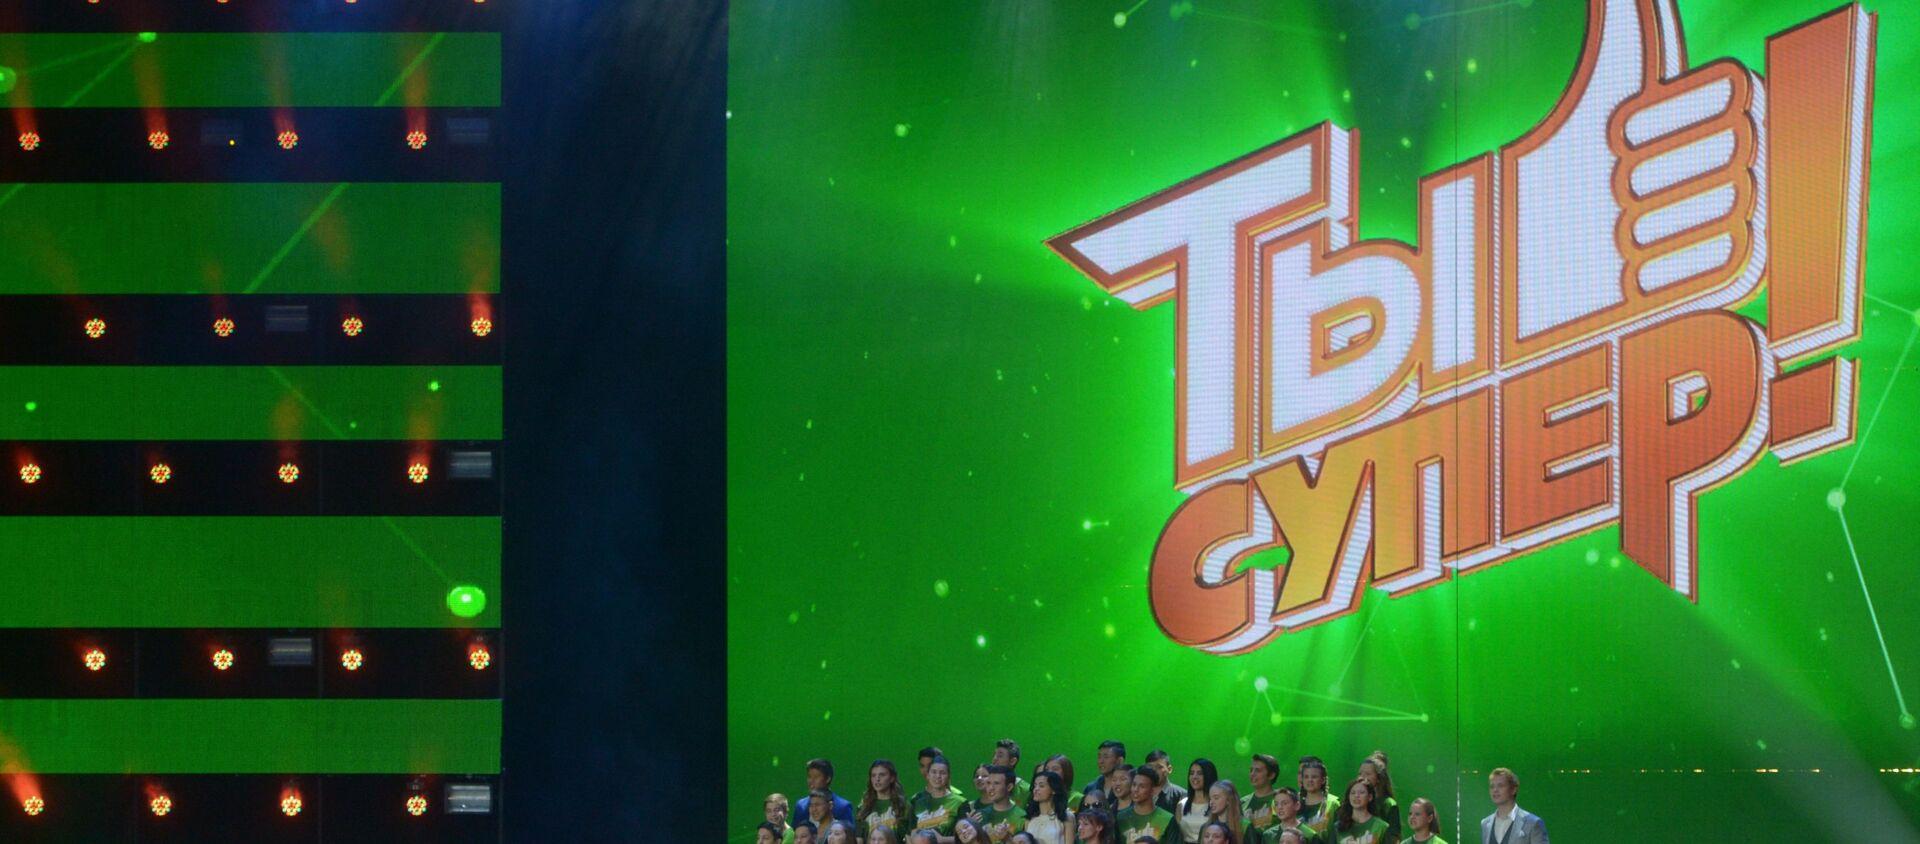 Финал конкурса Ты супер! в Государственном Кремлевском Дворце - Sputnik Абхазия, 1920, 18.05.2021